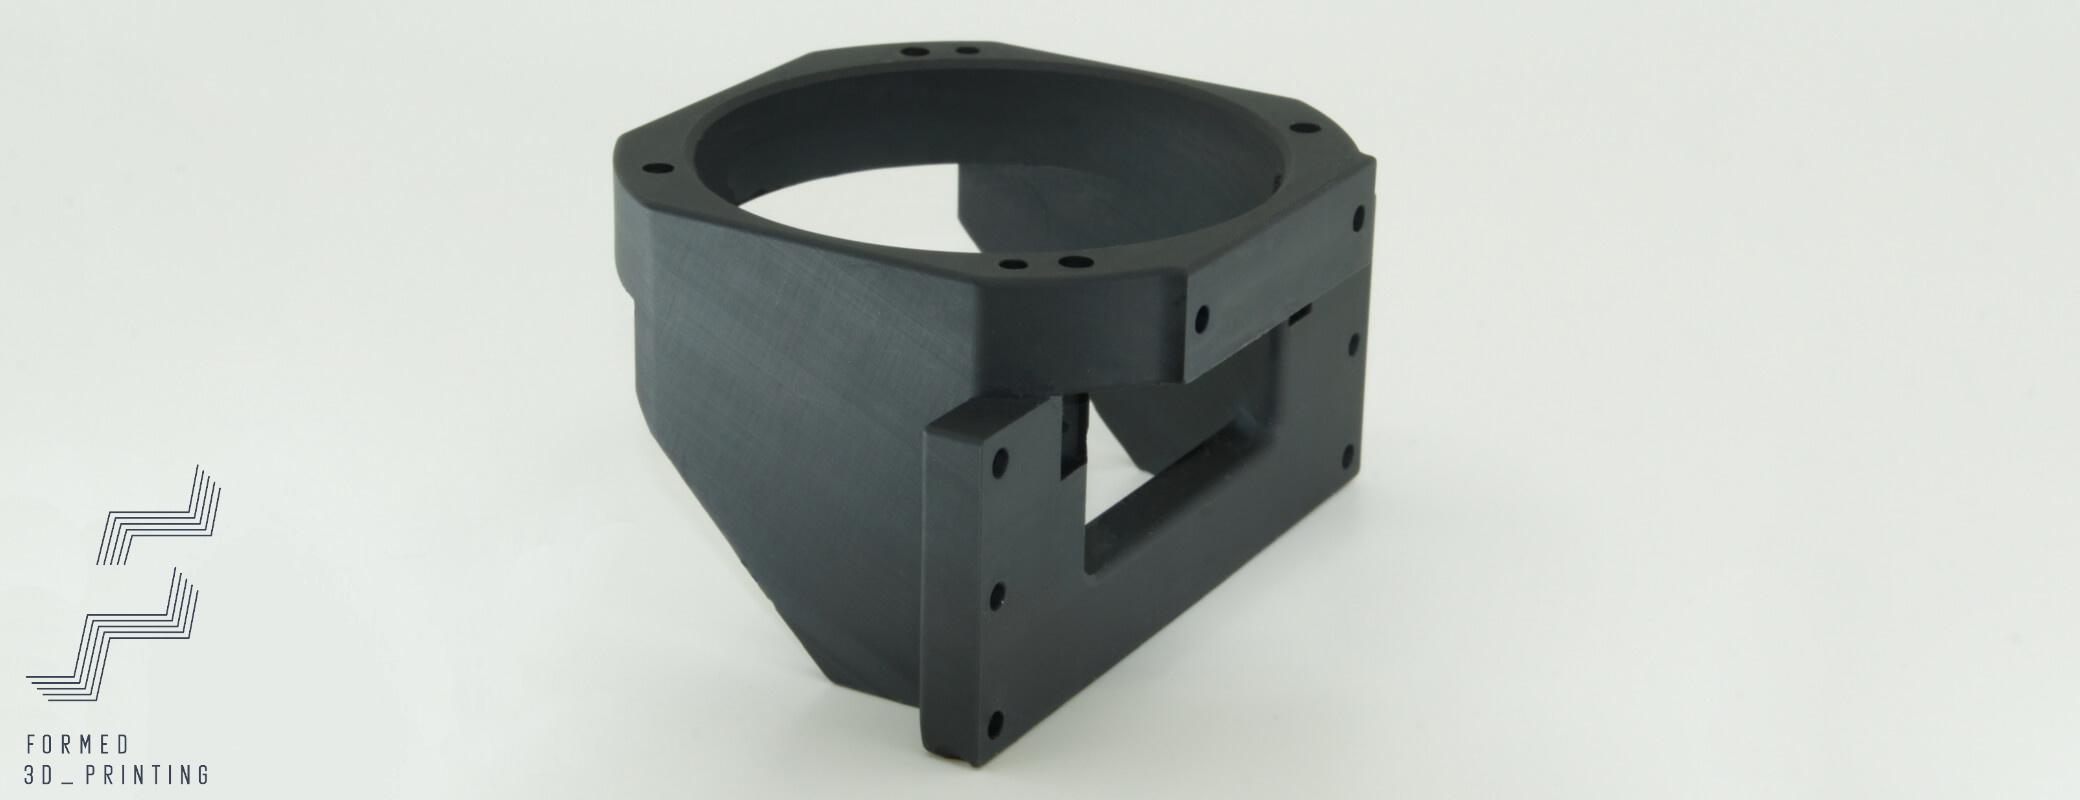 service d'impression 3d, Oculox Technologies fait appel à FORMED pour l'impression 3D de pièces fonctionnelles haute résolution